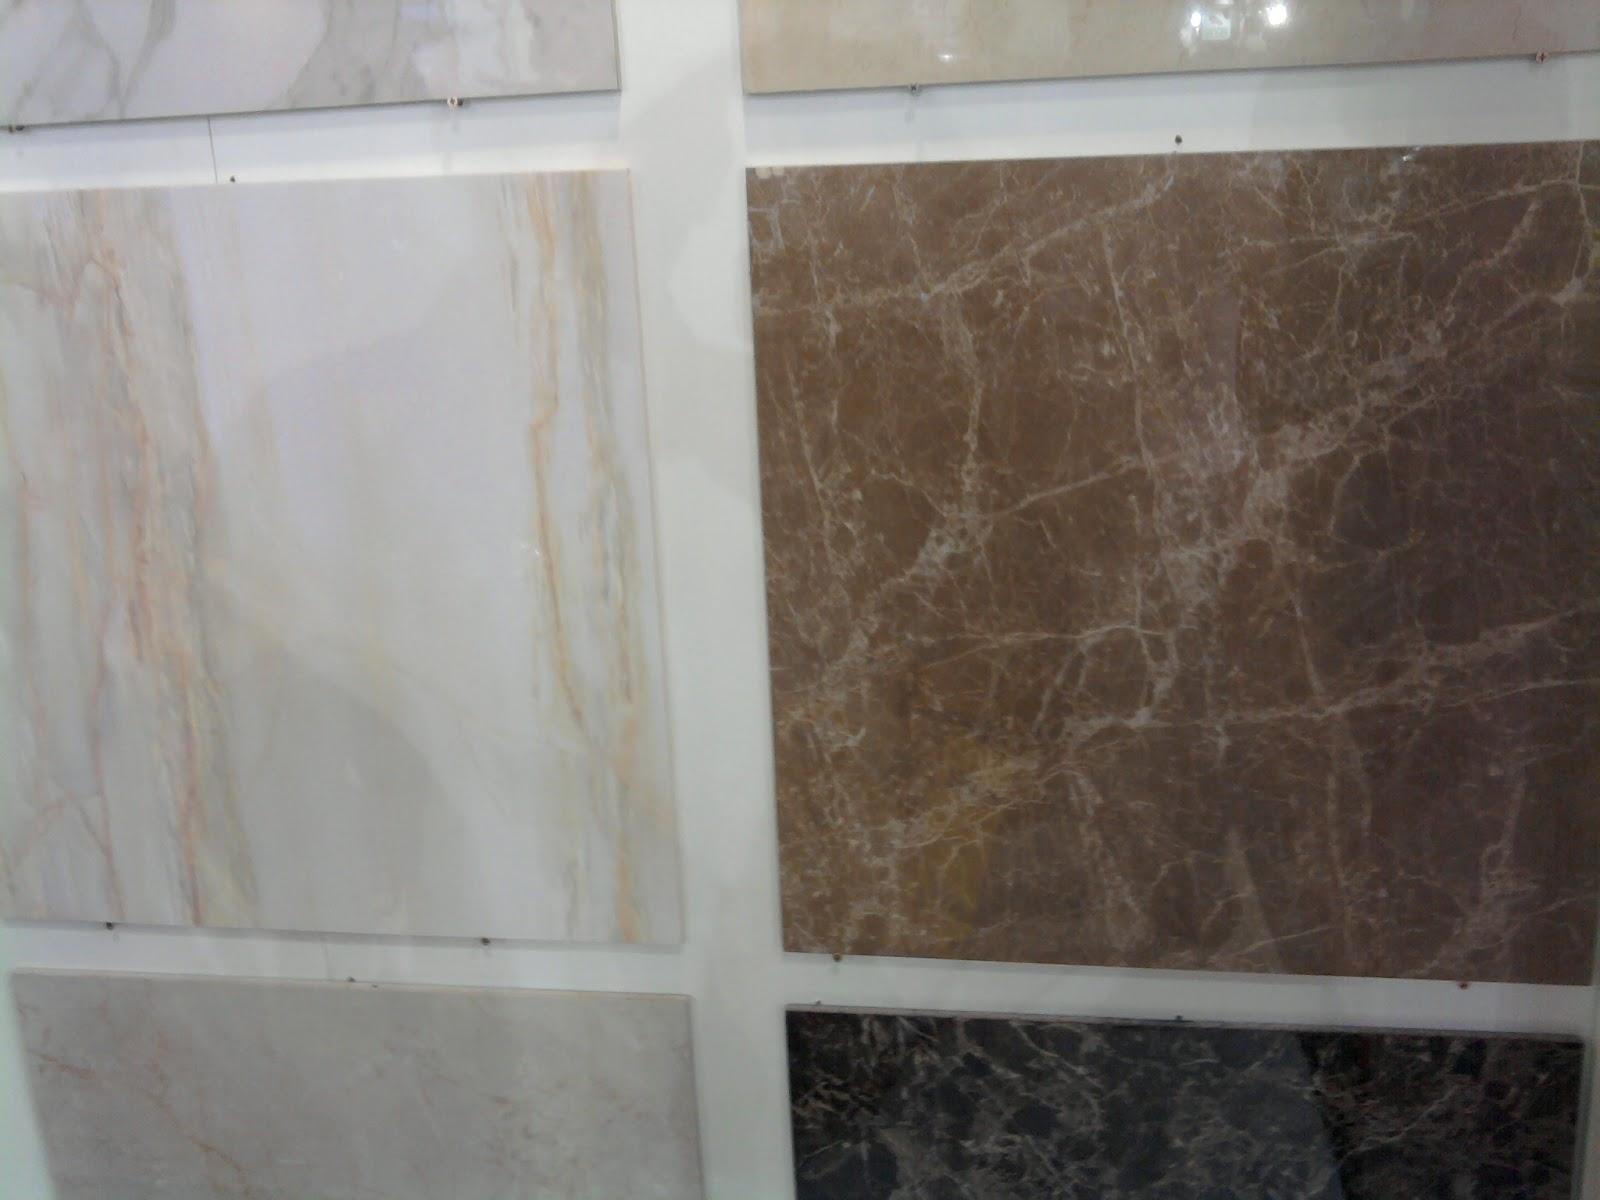 Narf pinturas e texturas decorativas for Pintura decorativa efeito marmore